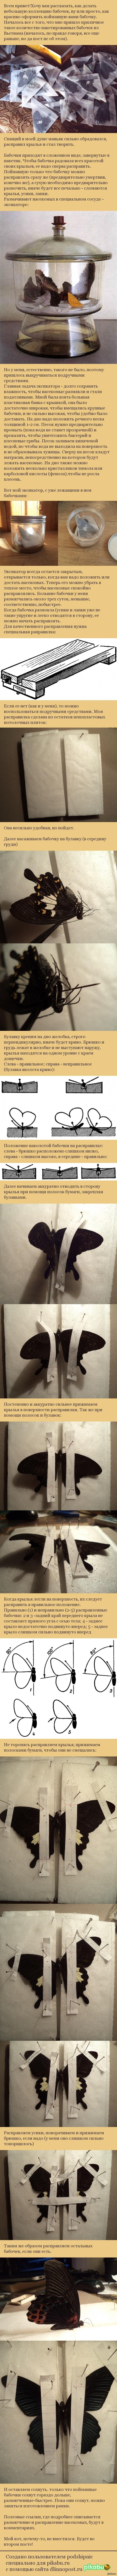 Маленькая энтомологическая коллекция, или как засунуть бабочку в рамку. Часть 1. Размягчение и расправление бабочек.